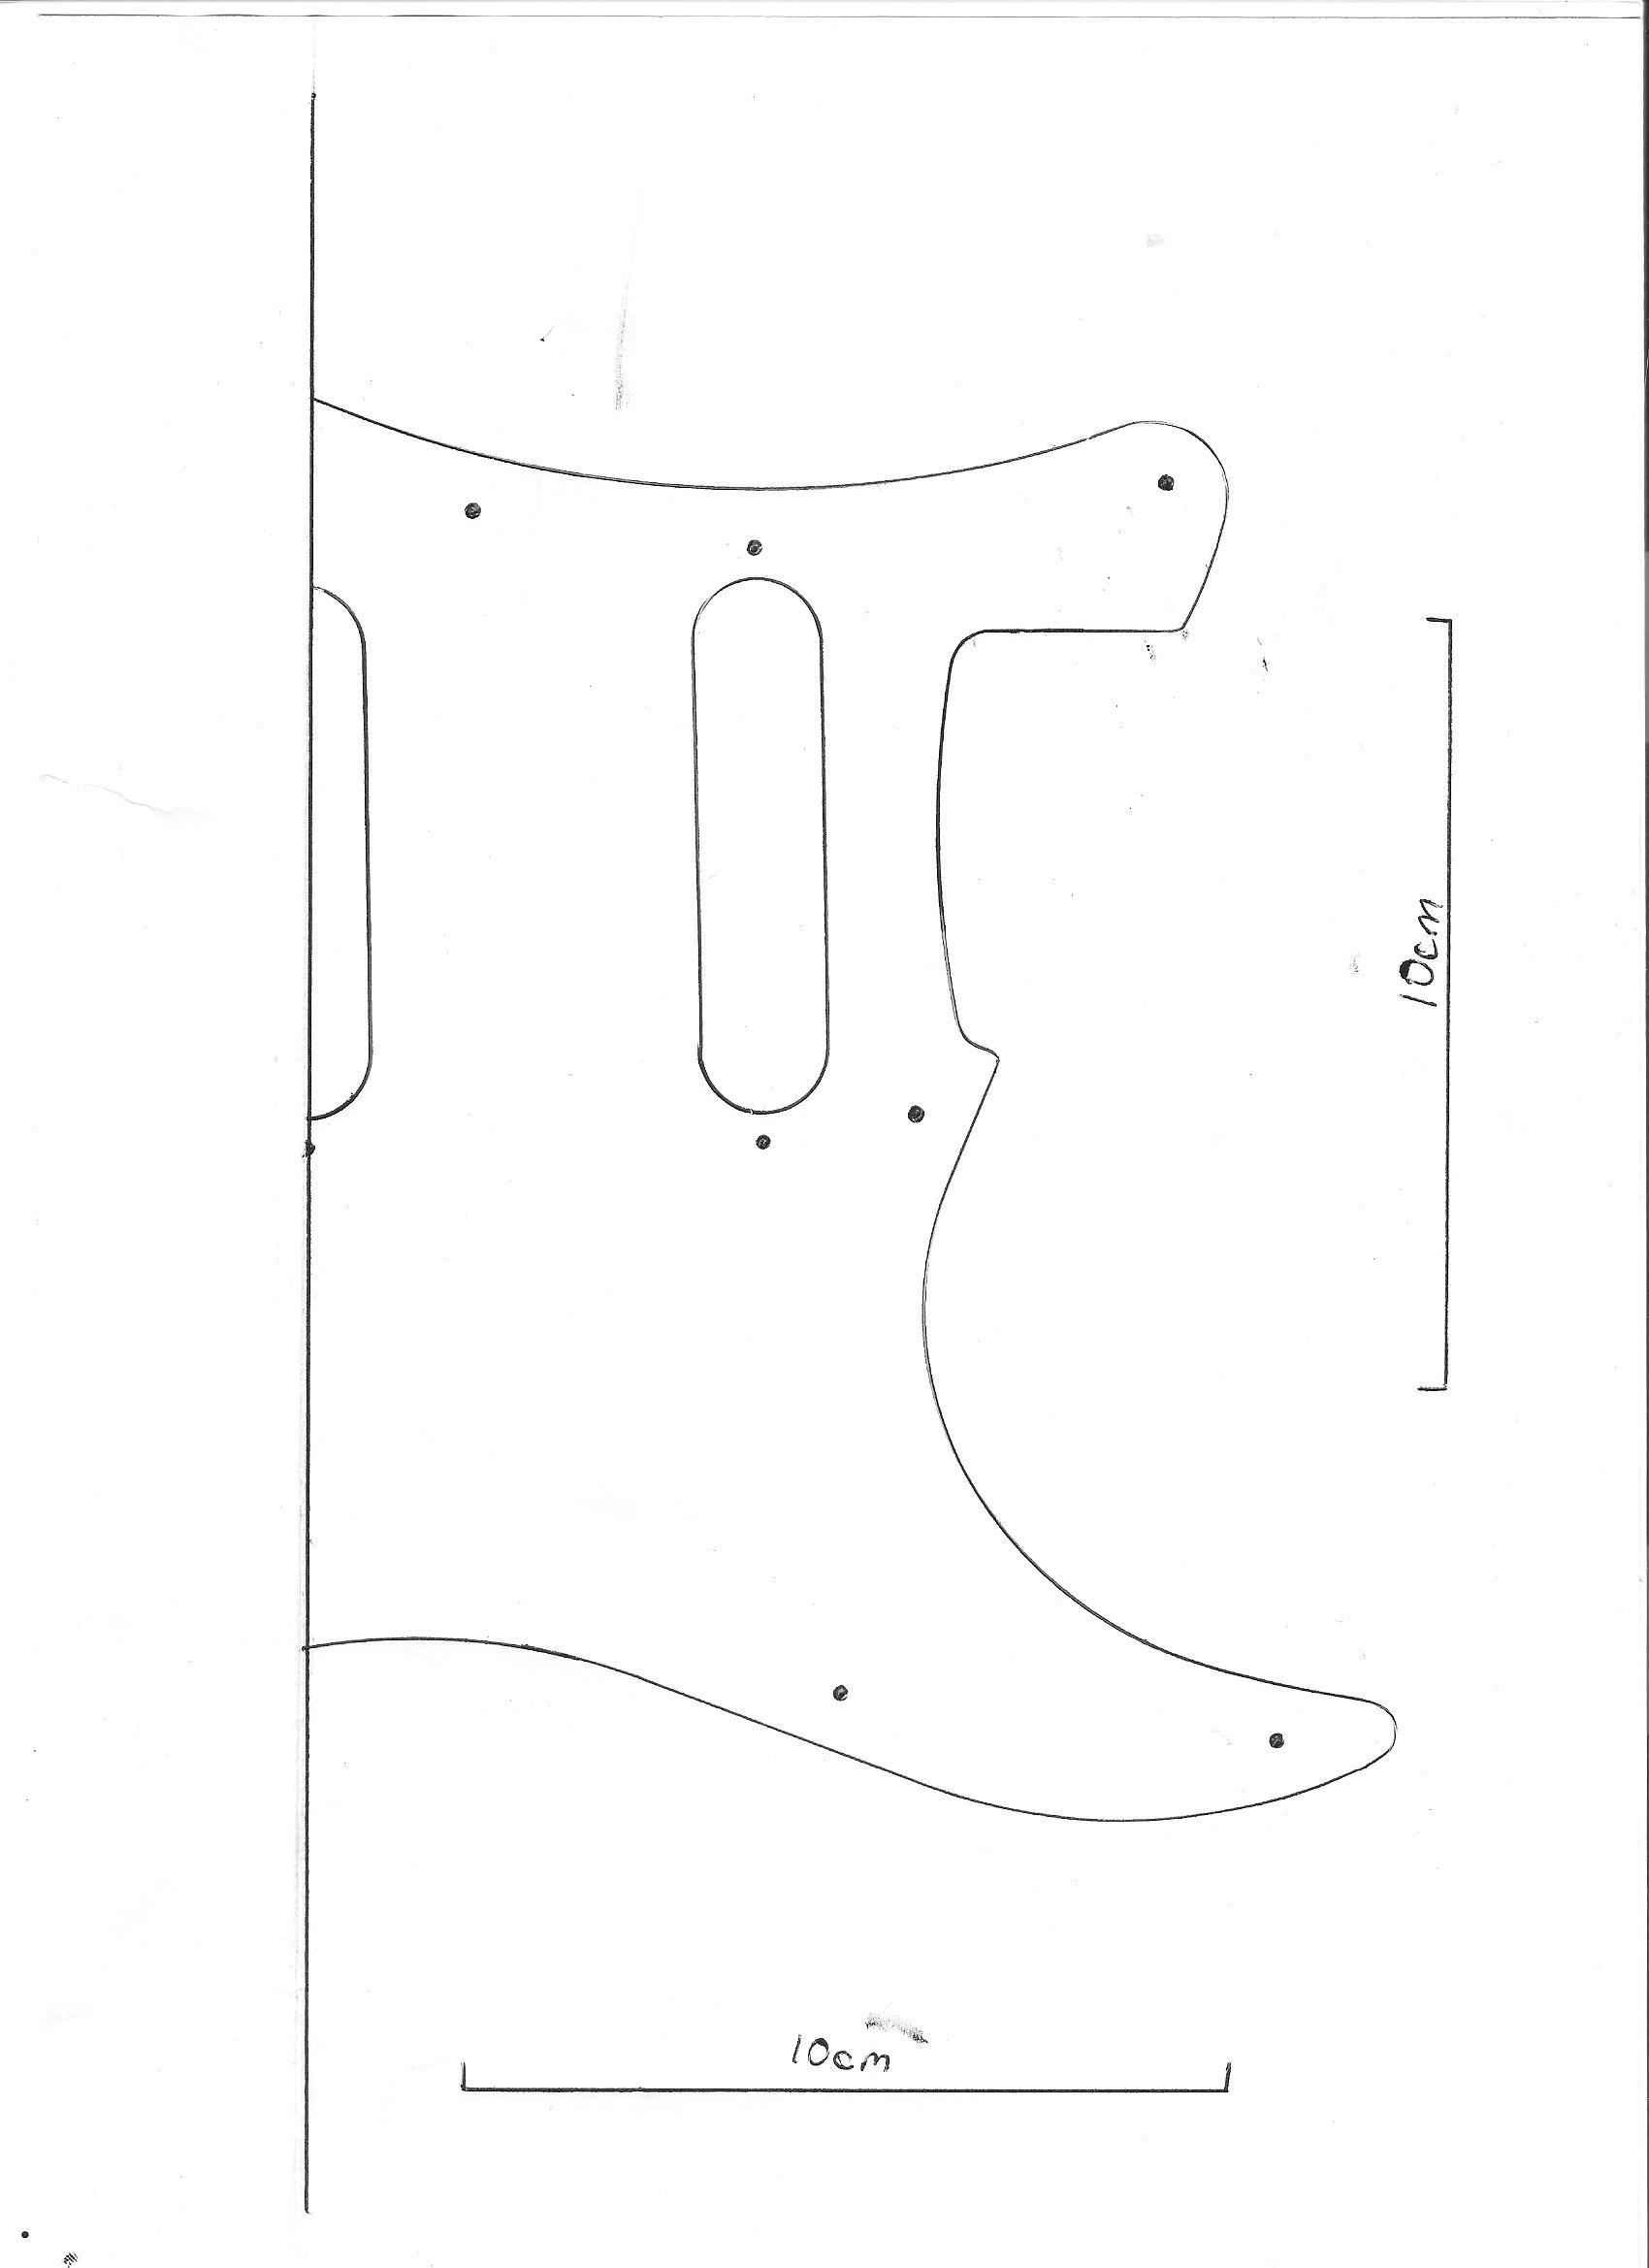 Electric Guitar Scratchplate Hss Humbucker Scratch Plate